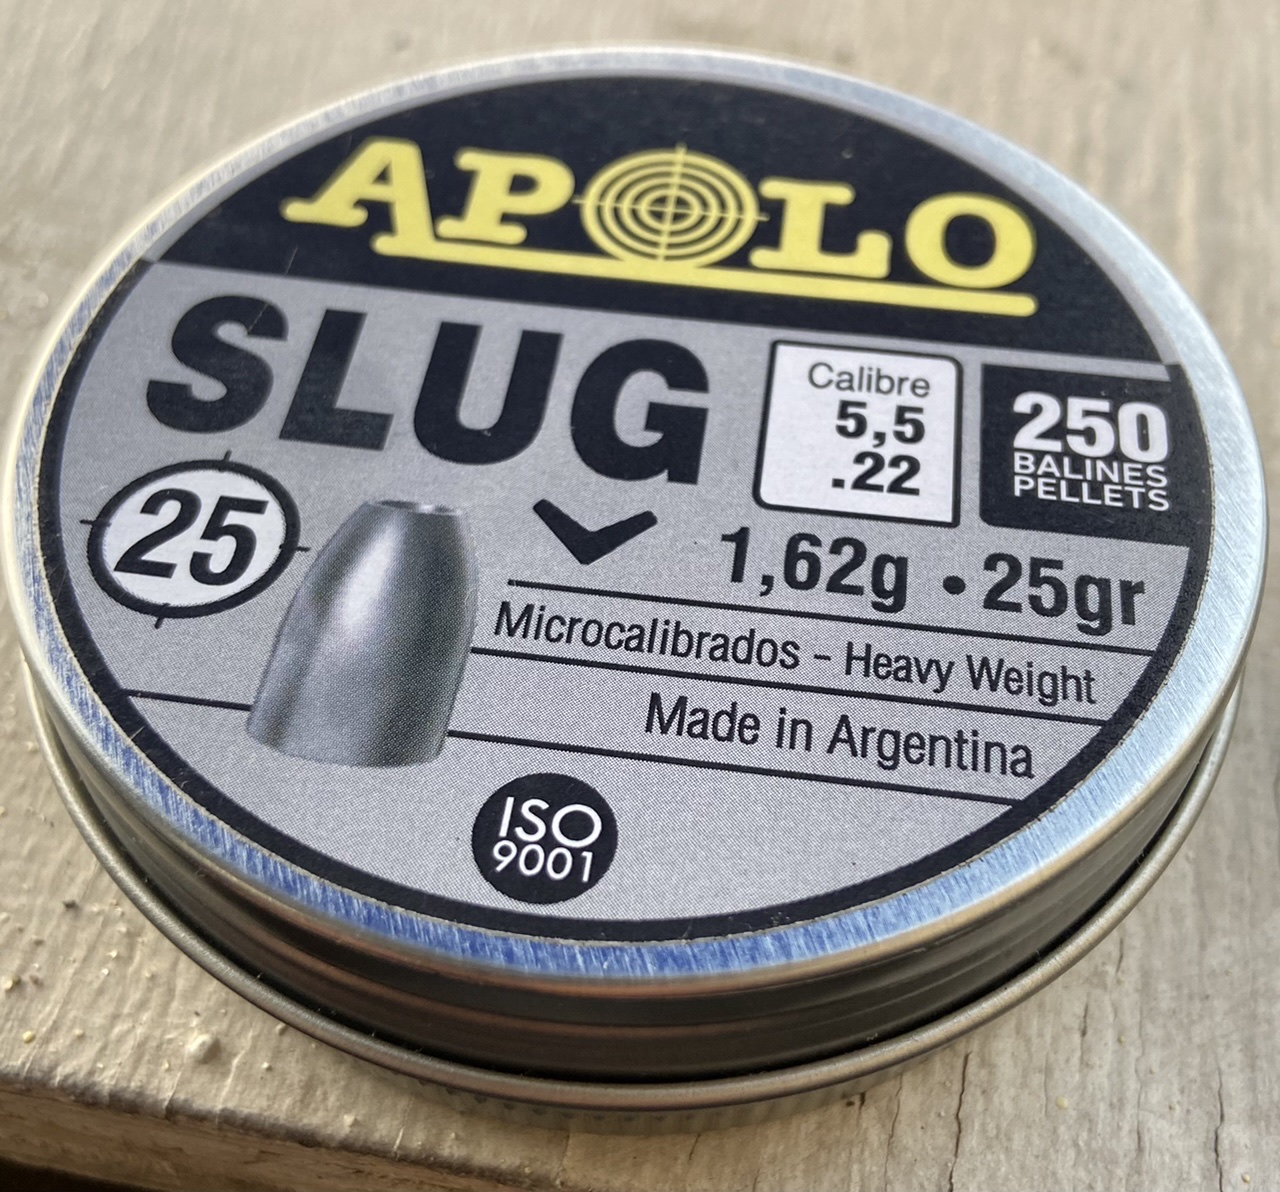 Postones apolo slug cal 5,5 25grains